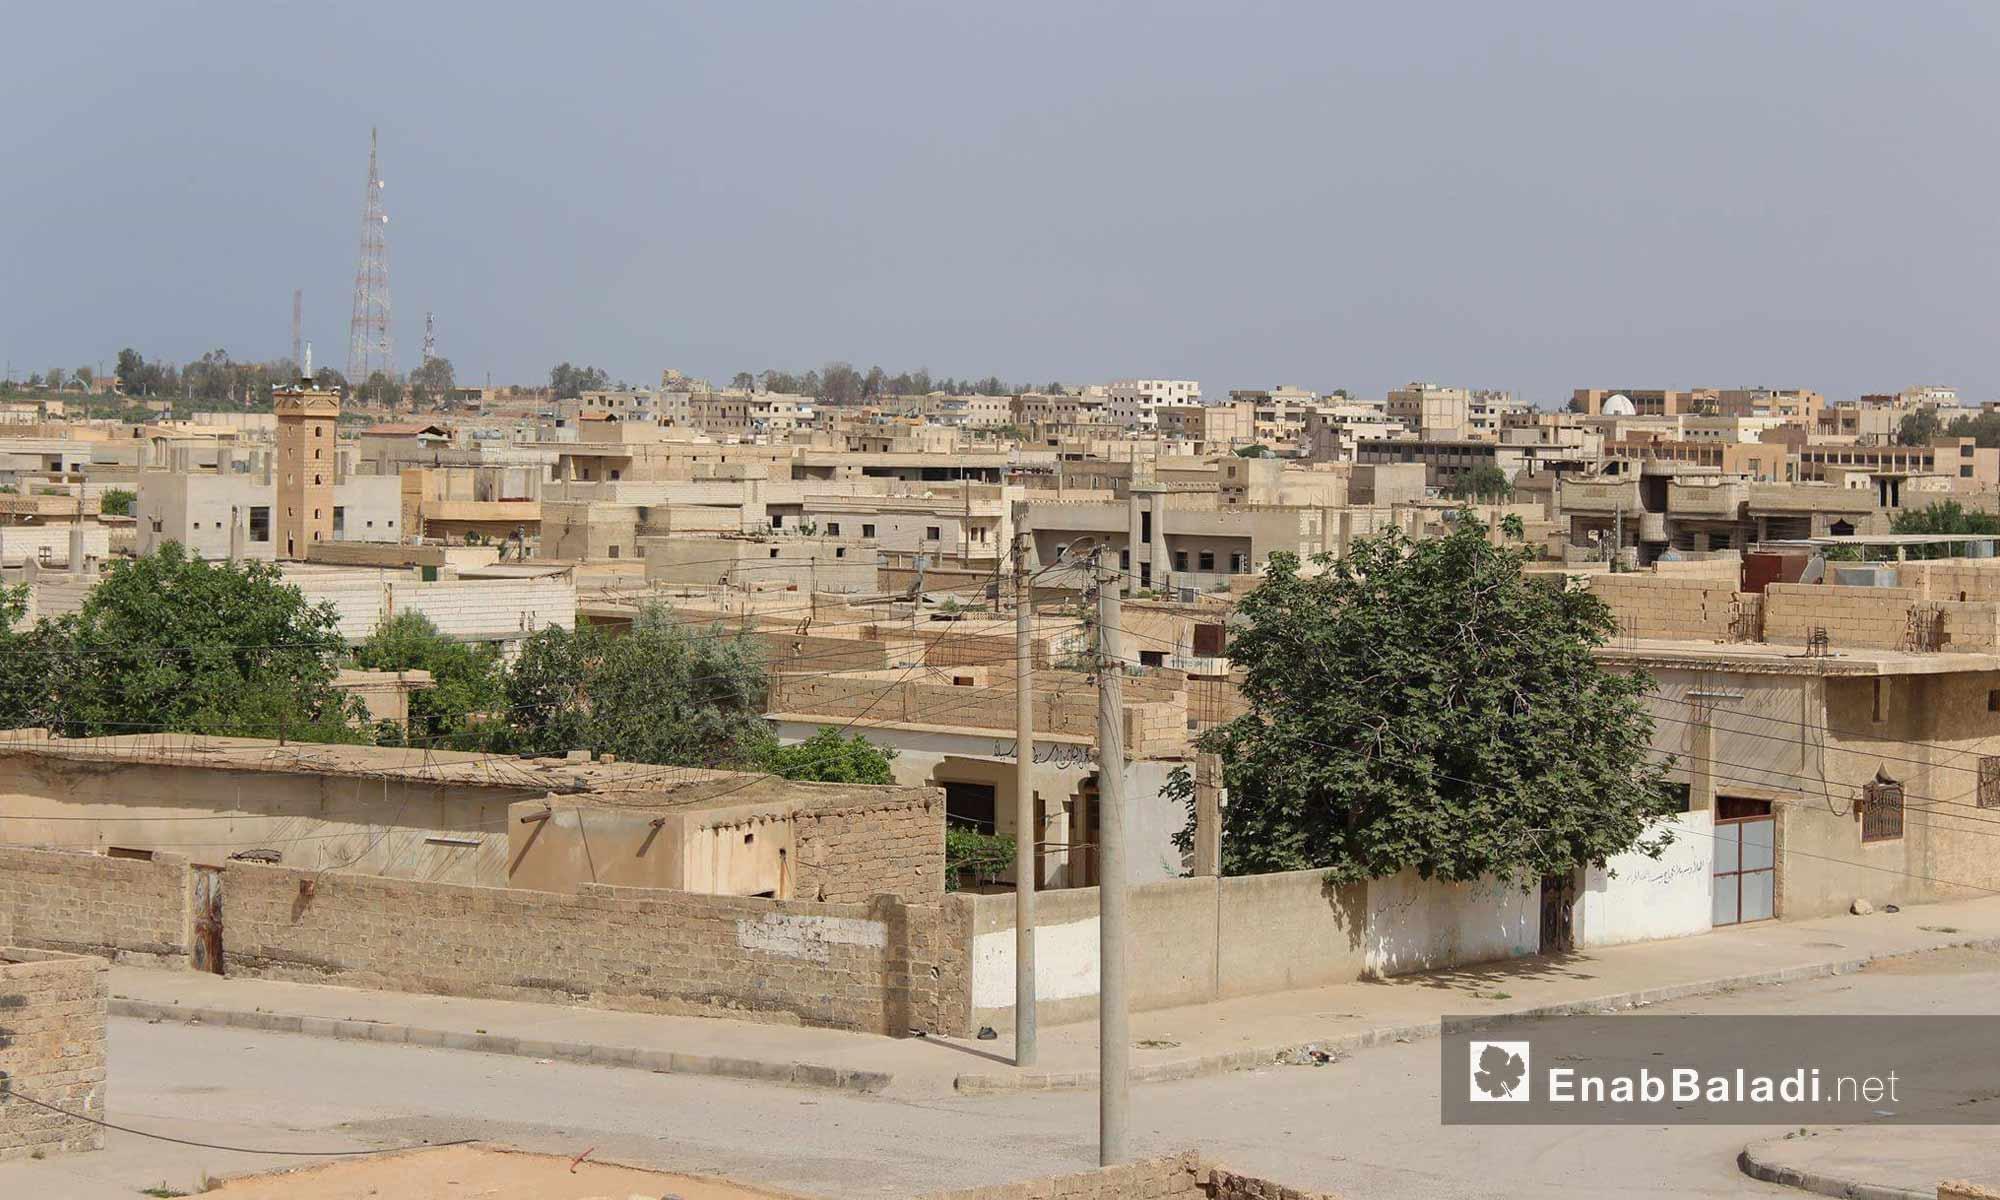 Al-Tabqa city in the western al-Raqqa countryside - 23 May 2017 (Enab Baladi)